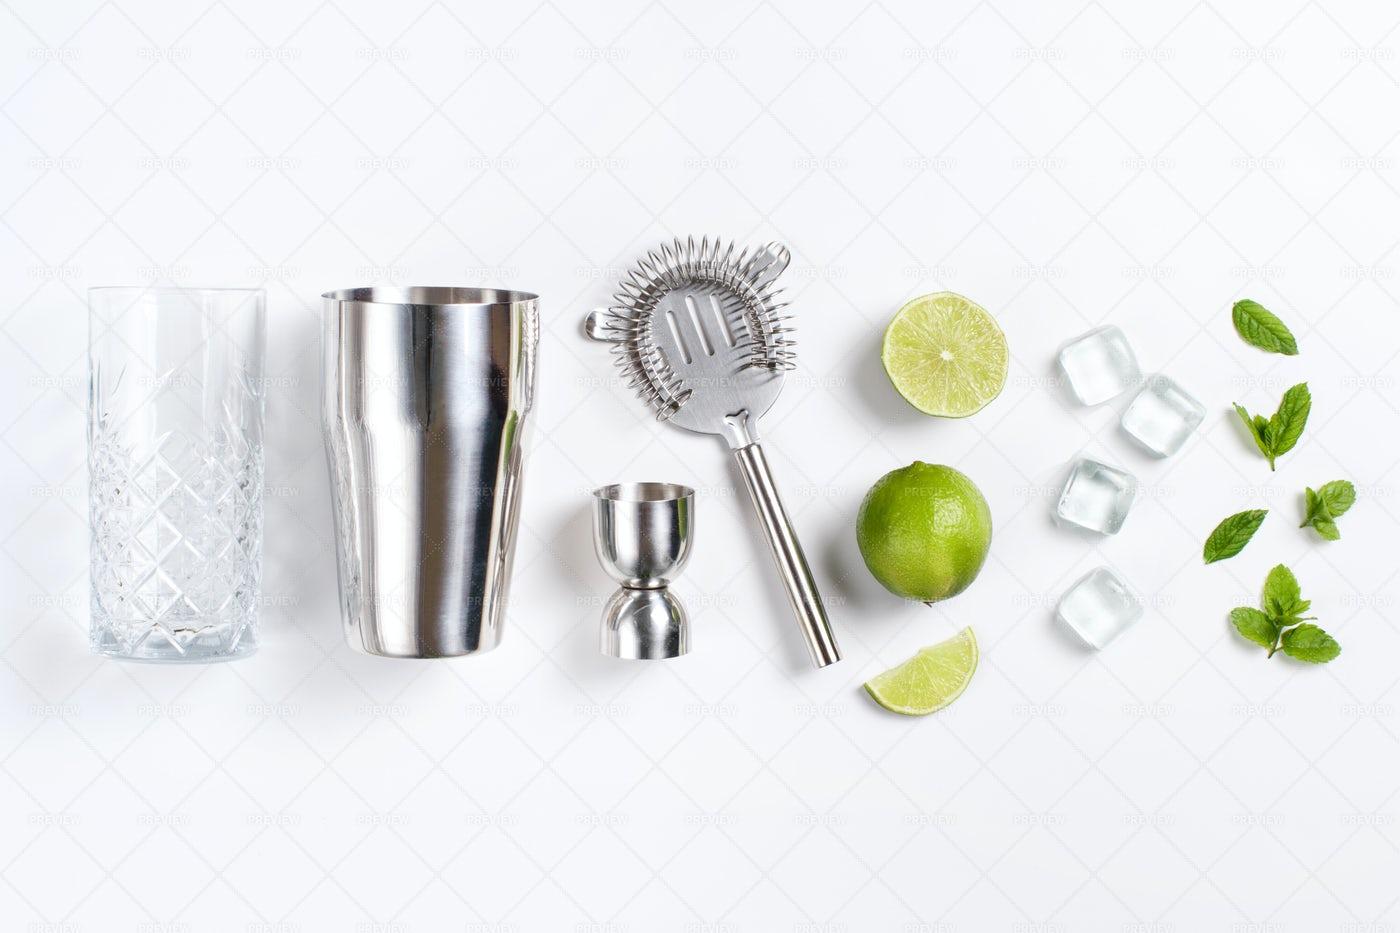 Mojito Ingredients: Stock Photos